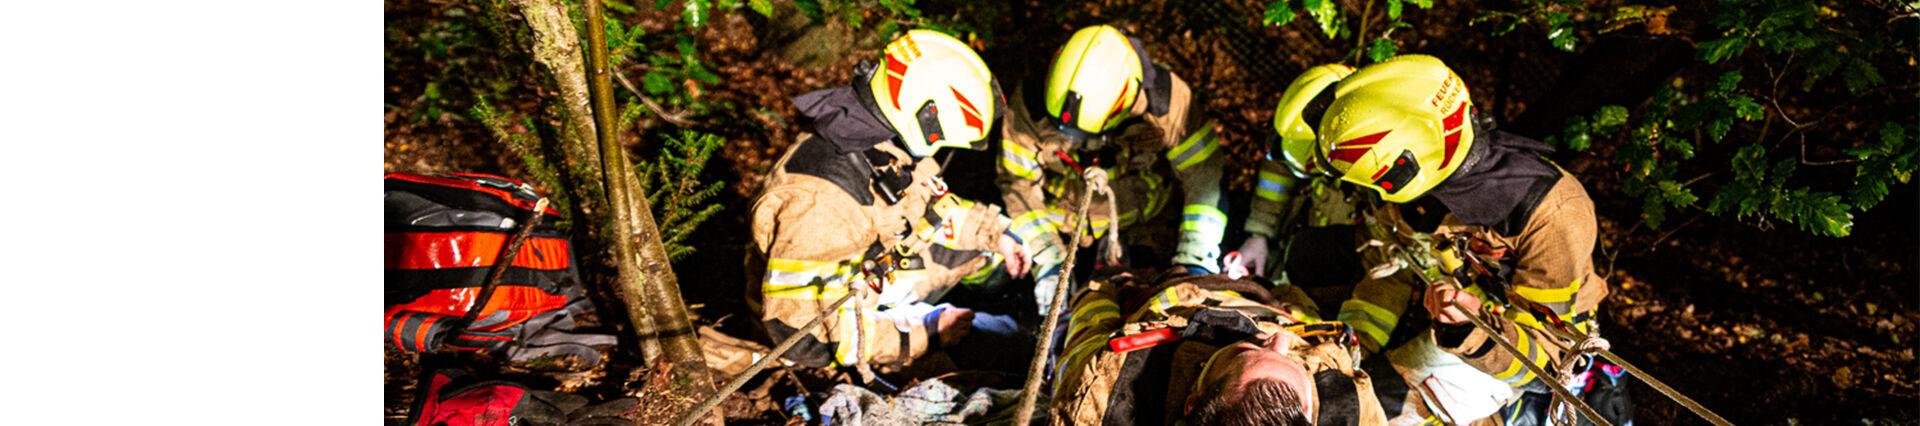 Ausbildung Retten aus Tiefen der Feuerwehr Rückersdorf